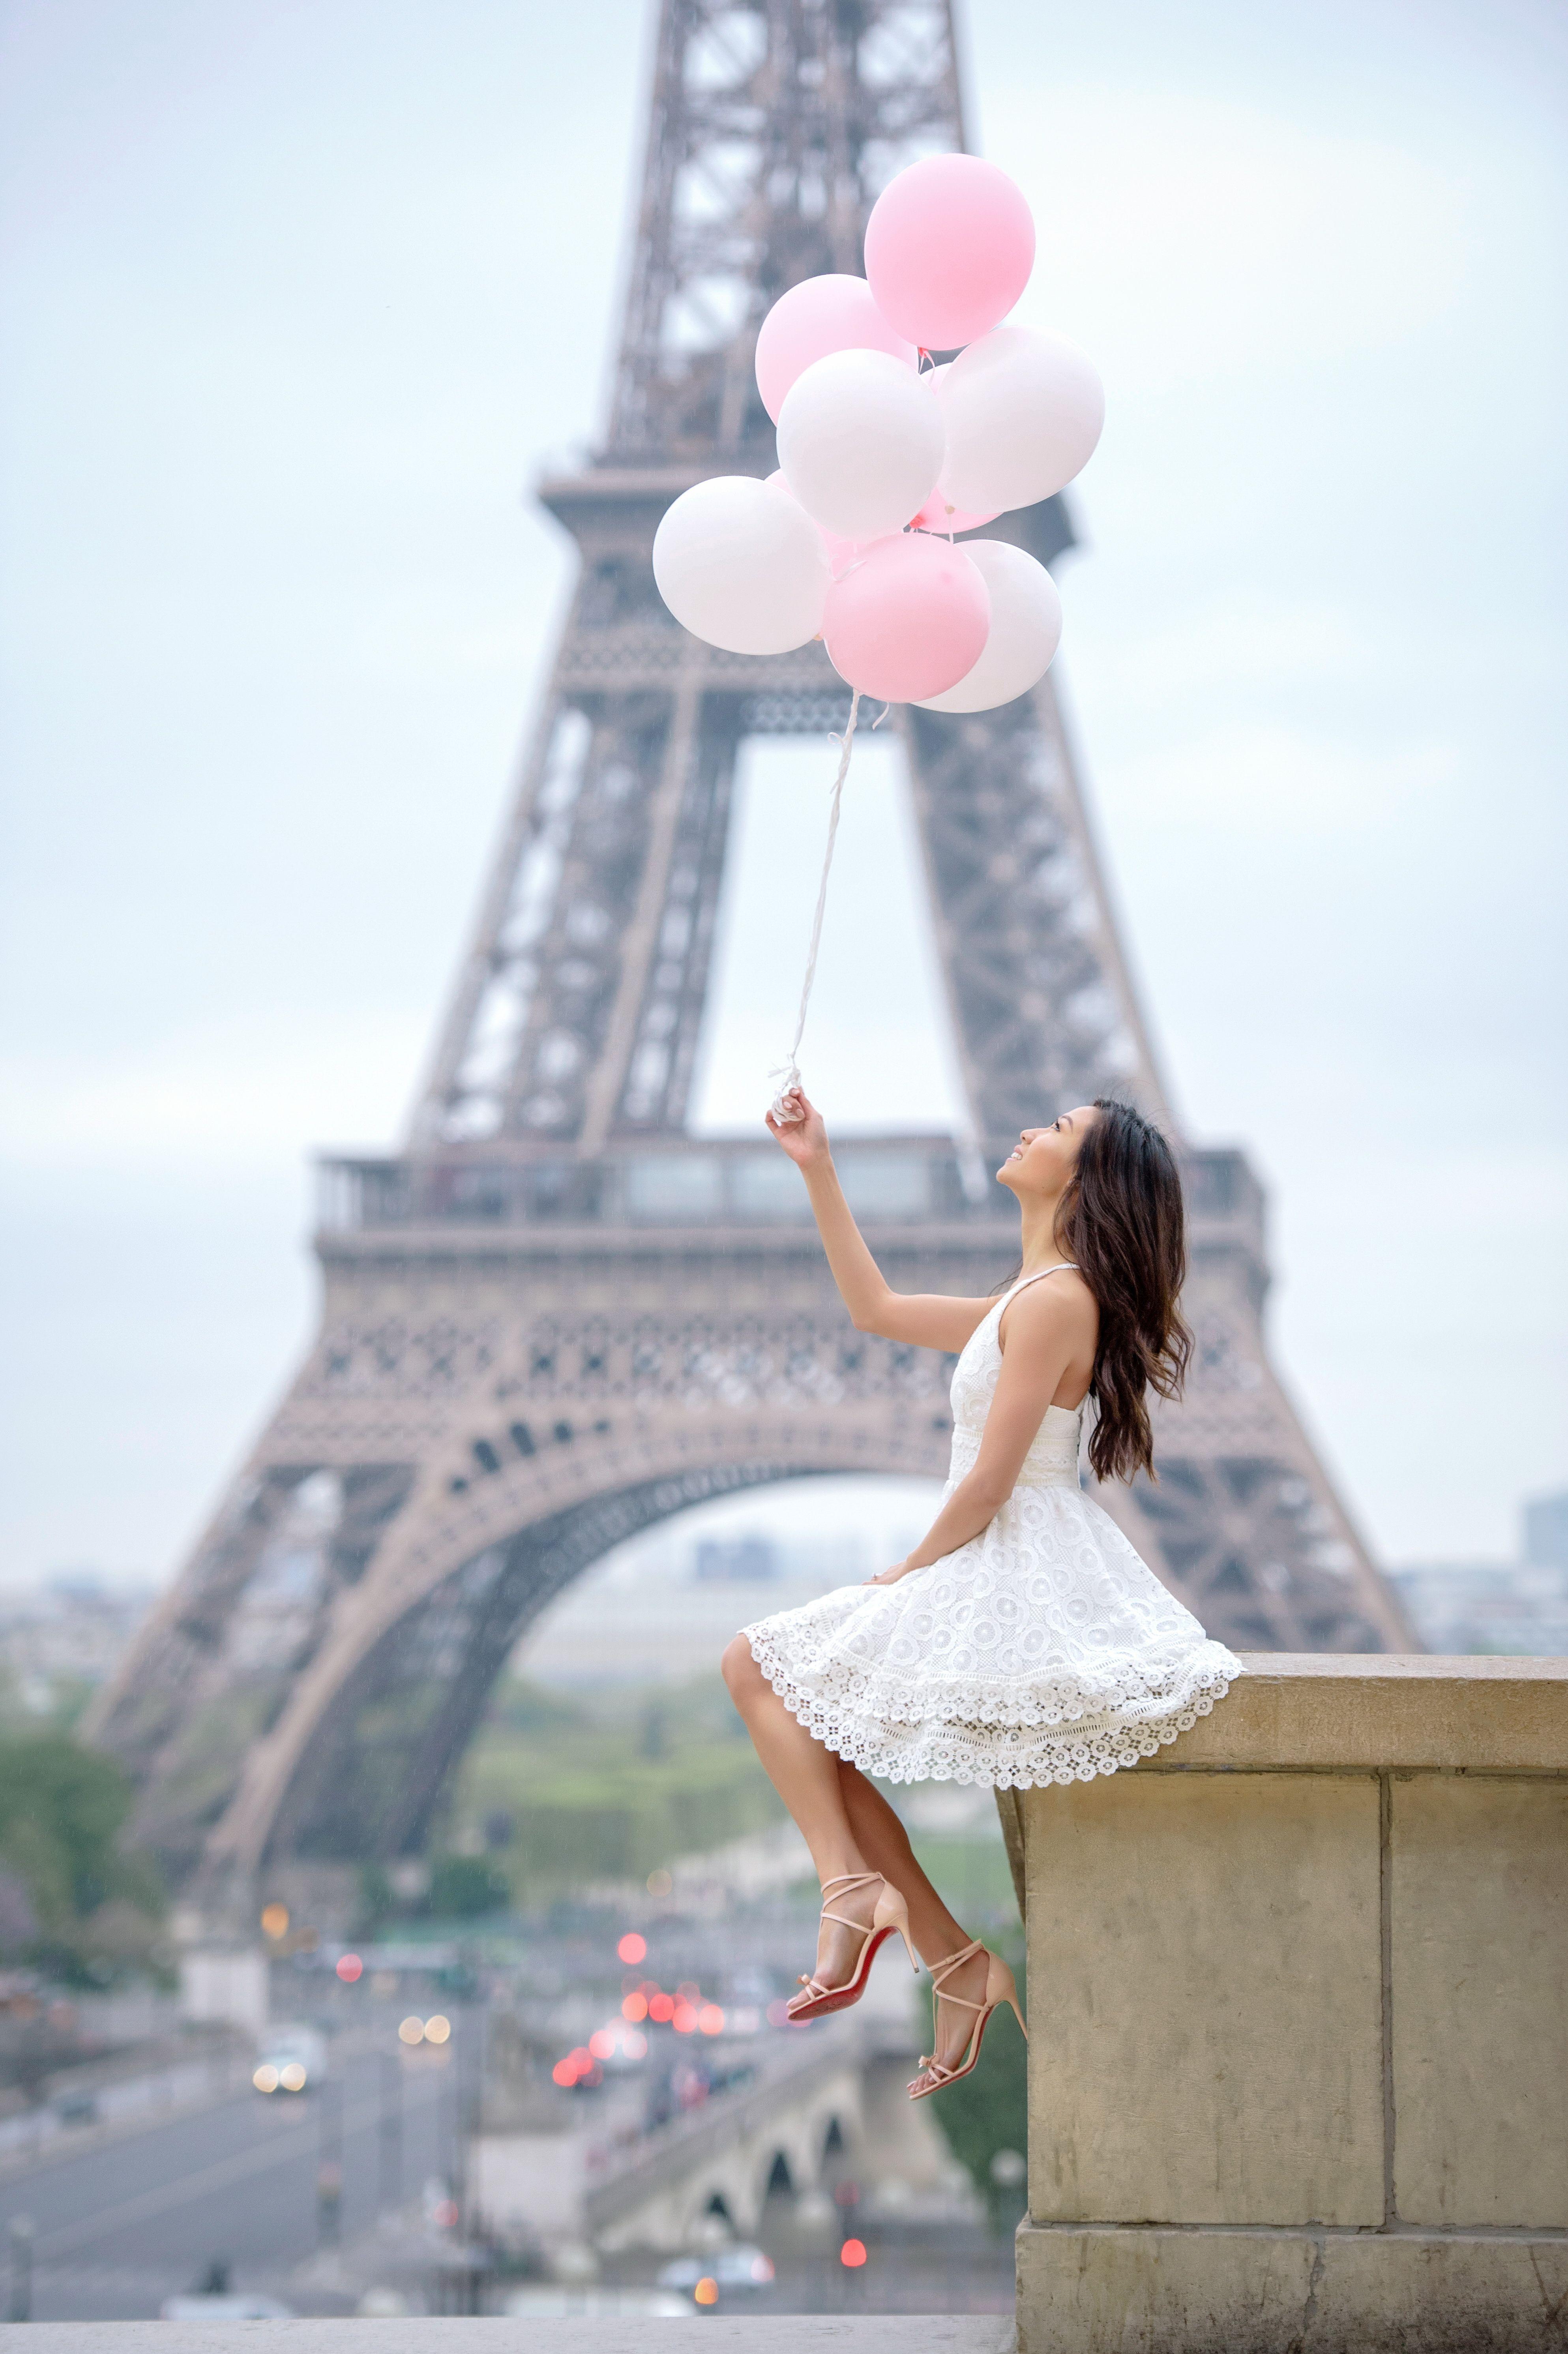 Paris Portraits By The Paris Photographer In 2020 Paris Photos